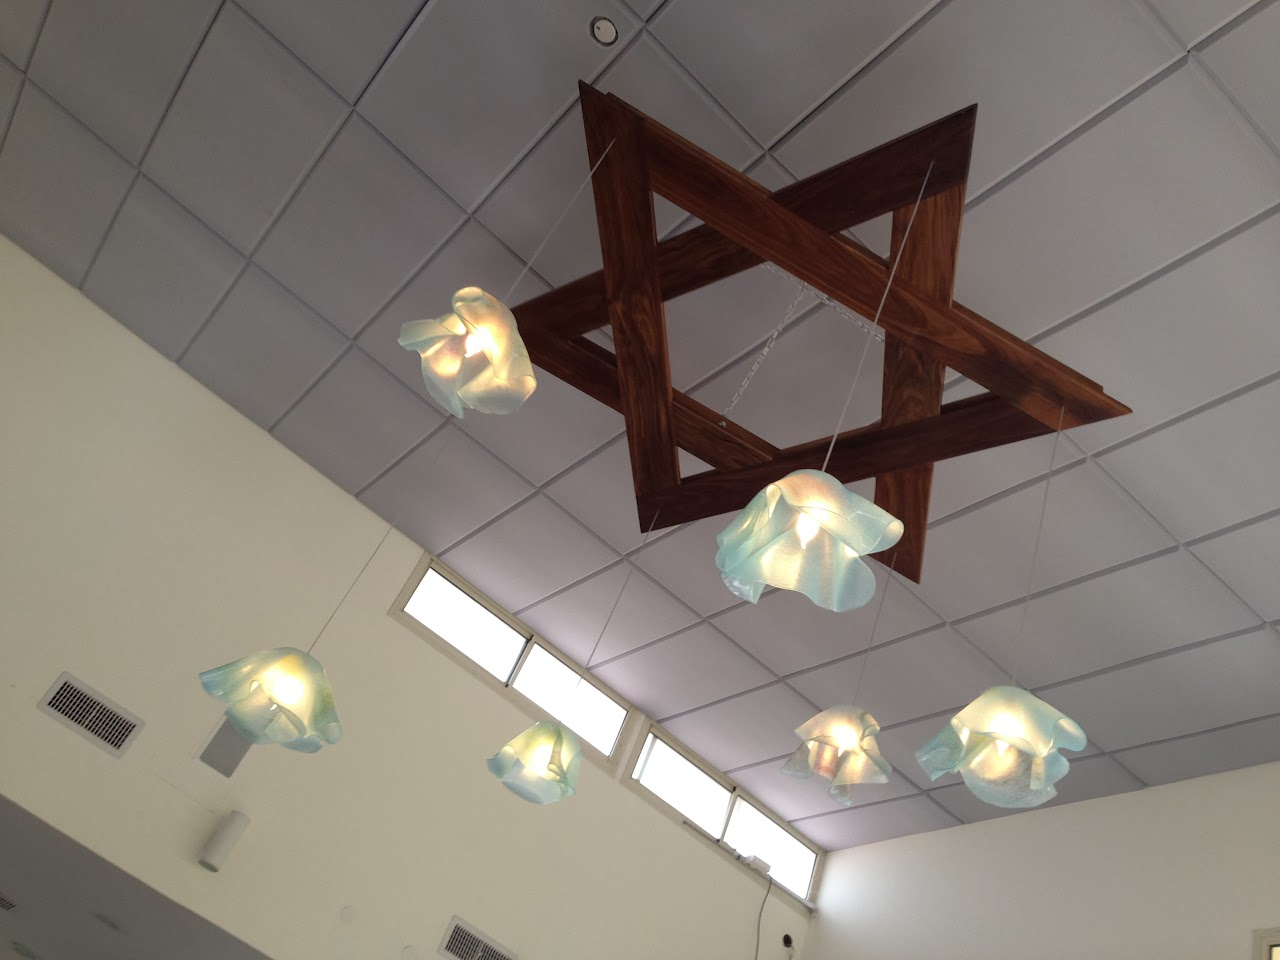 נברשת מעוצבת בצורת מגן דוד עם 6 מנורות מזכוכית חלבית בגוון תכלת. A chandelier in the shape of Magen David with 6 light-blue matte glass lamps.